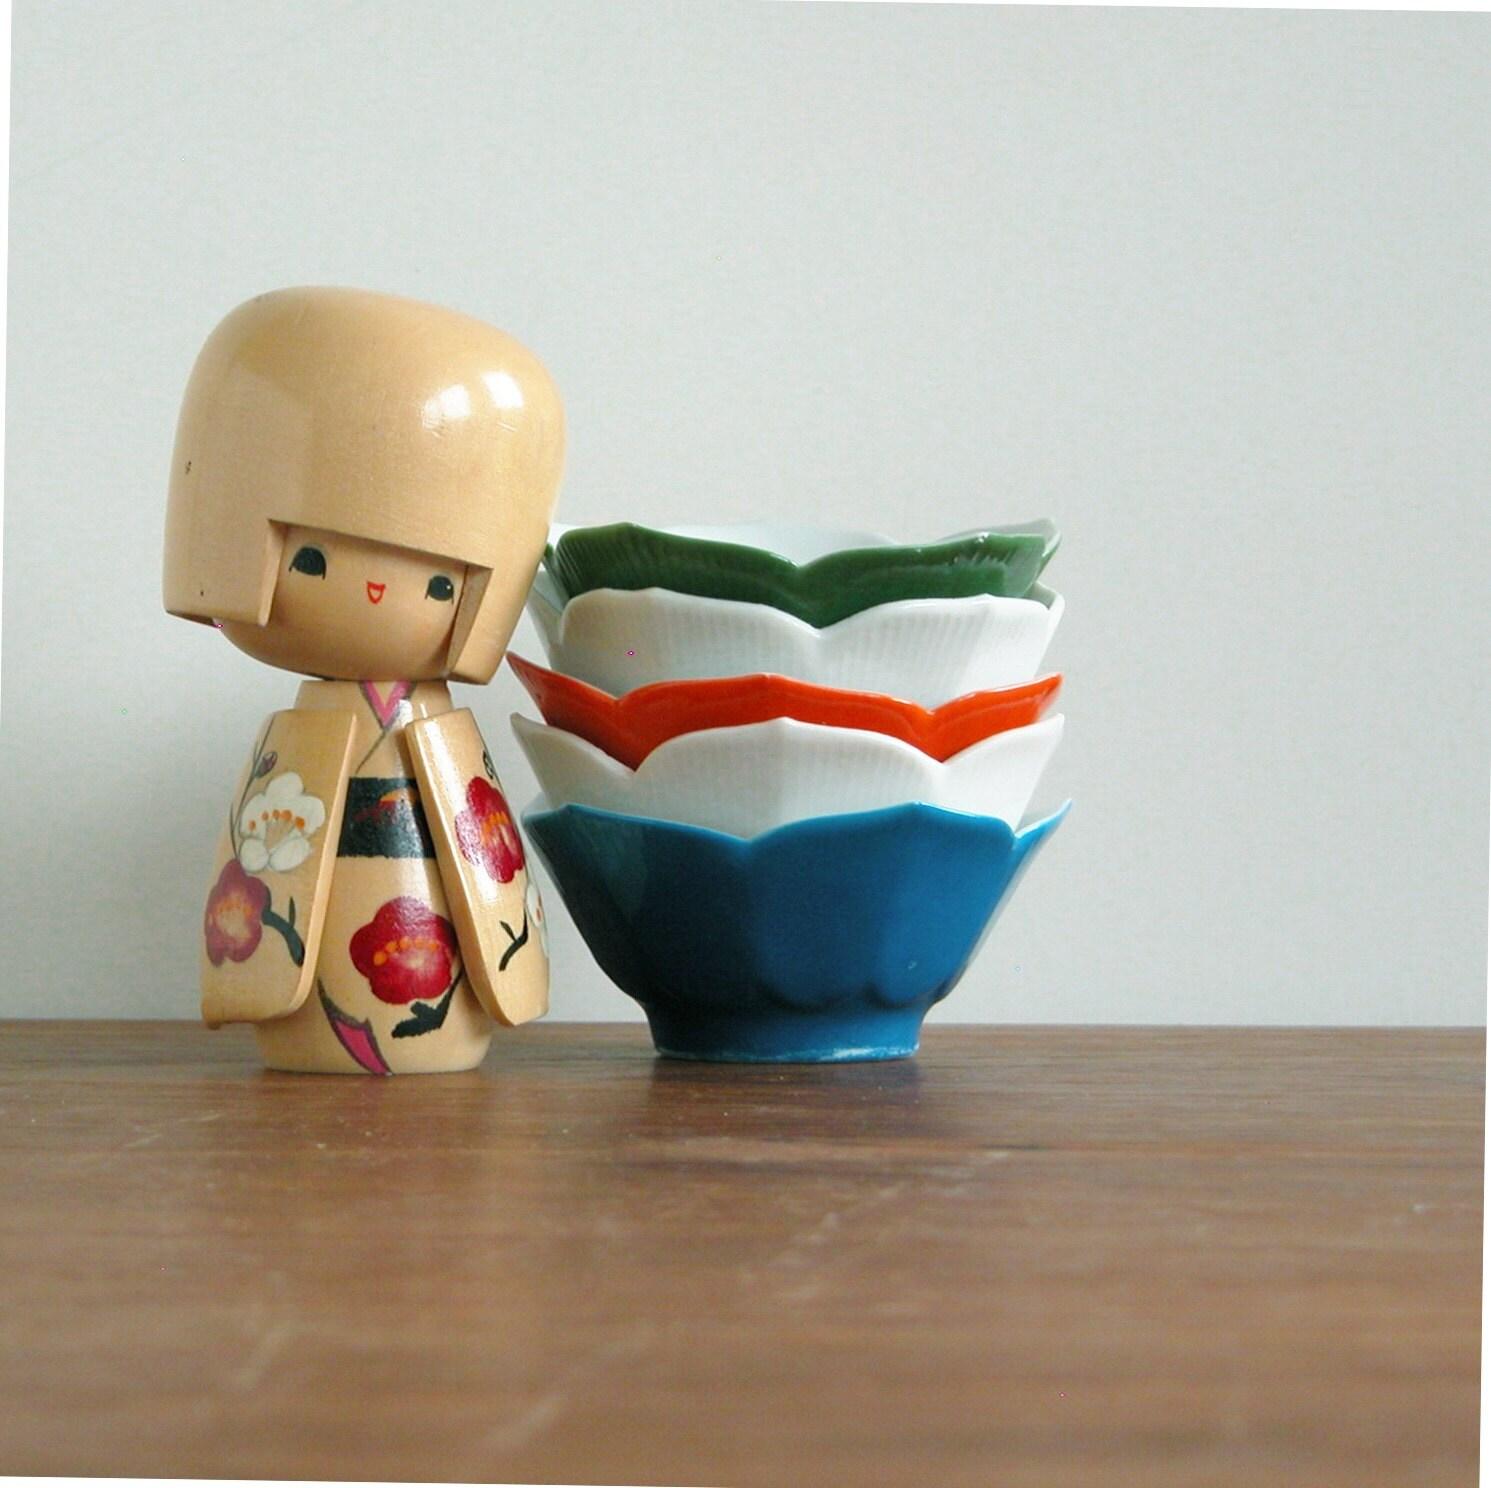 Five lotus bowls - vintage japan white blue orange green porcelene japanese set  finger soy sauce dip drink mid century modern asian pottery - MidCenturyProps